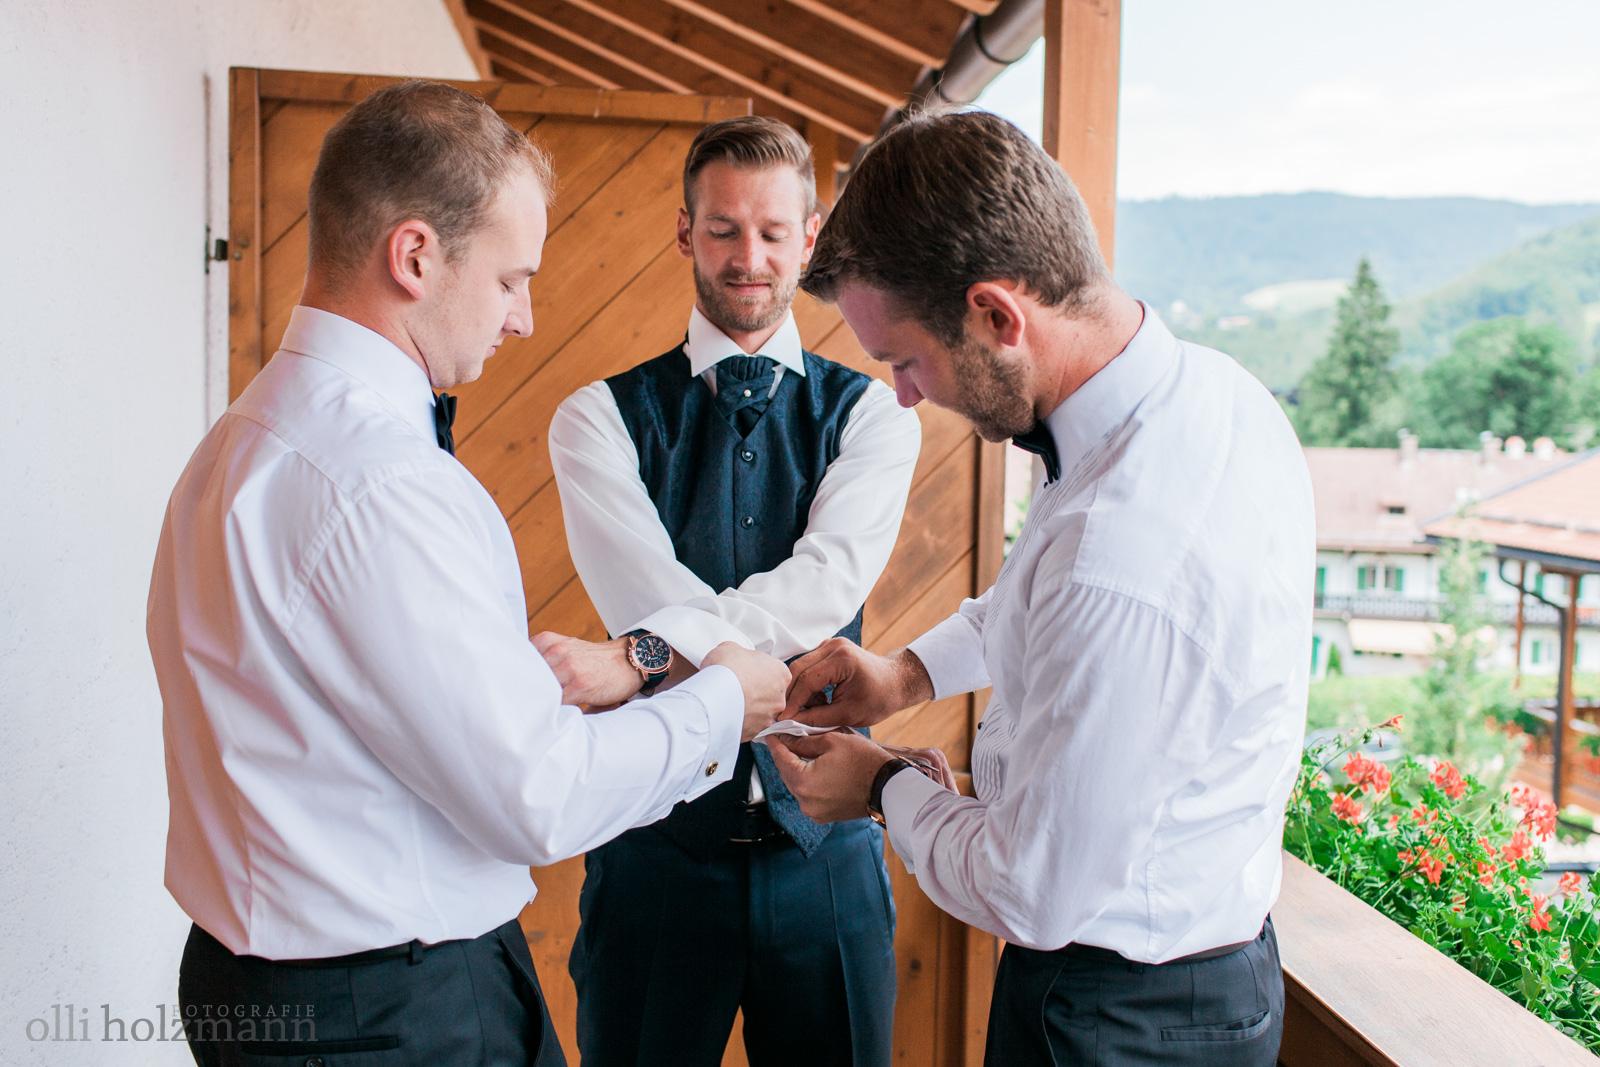 Hochzeitsfotograf_muenchen-1.jpg